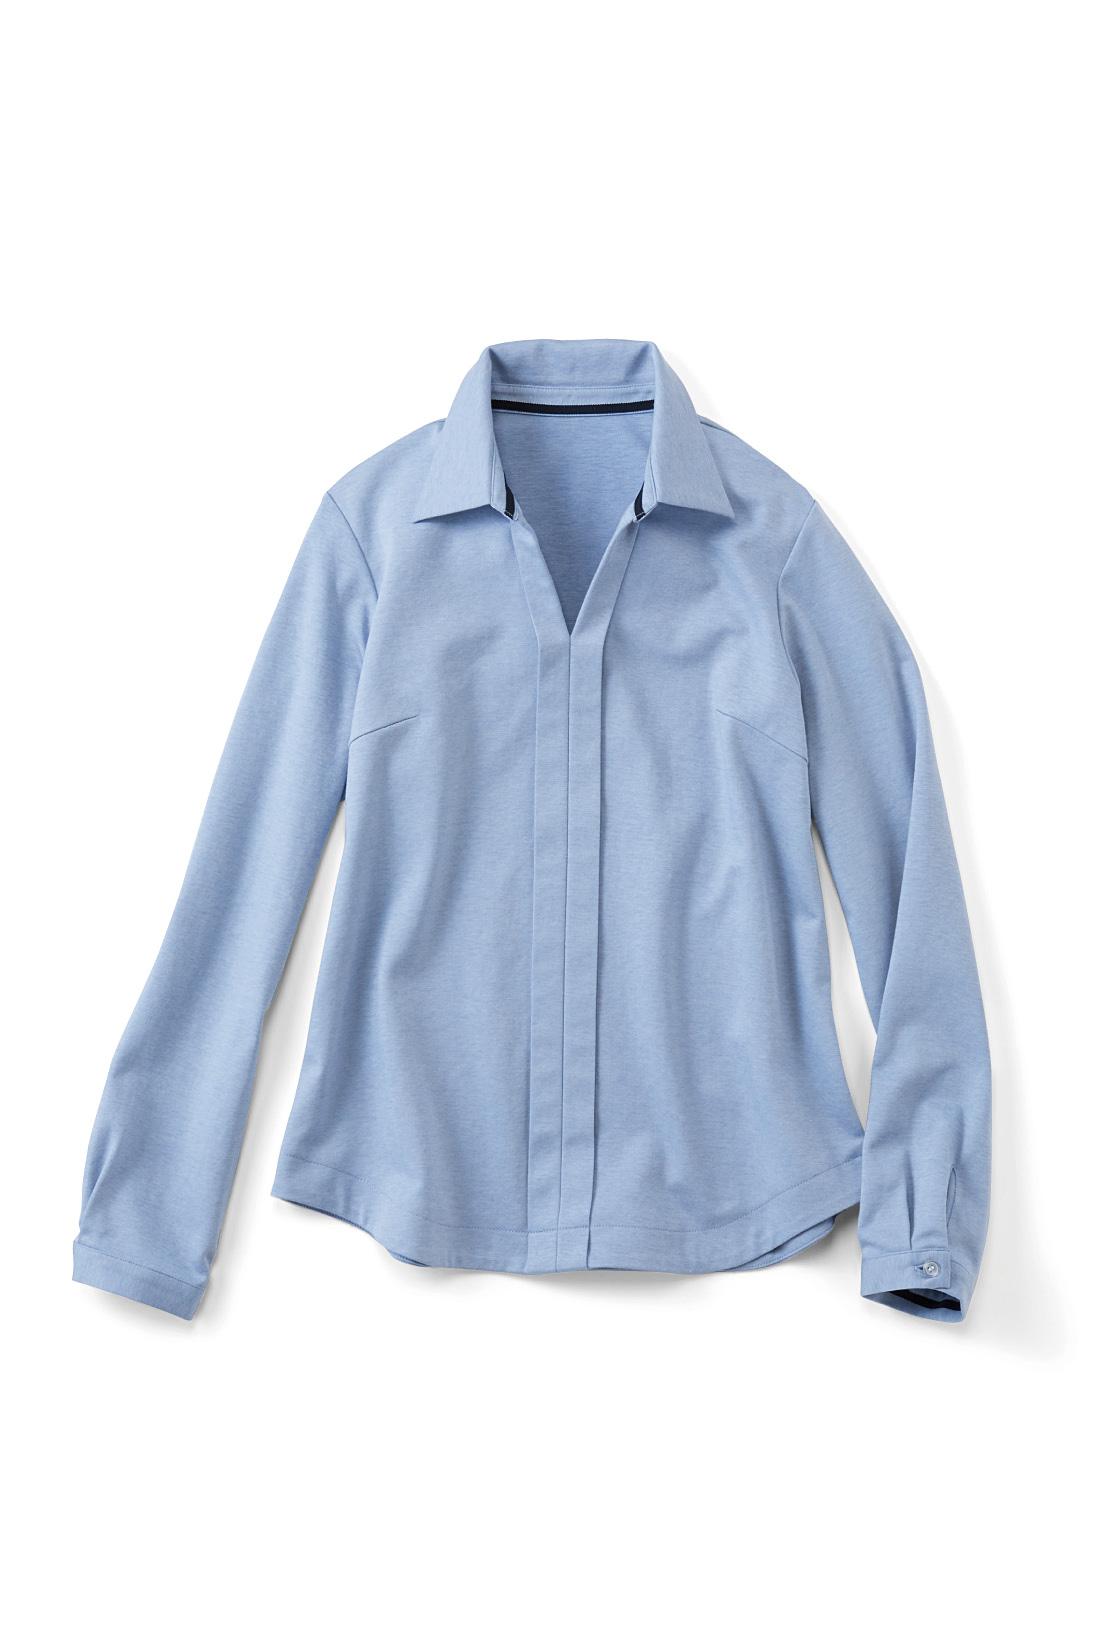 トレンドのスキッパーシャツをきれいめカットソーでつくりました。すそをほんのりラウンドさせたシルエットで、ウエストアウトの着こなしも上品に決まります。